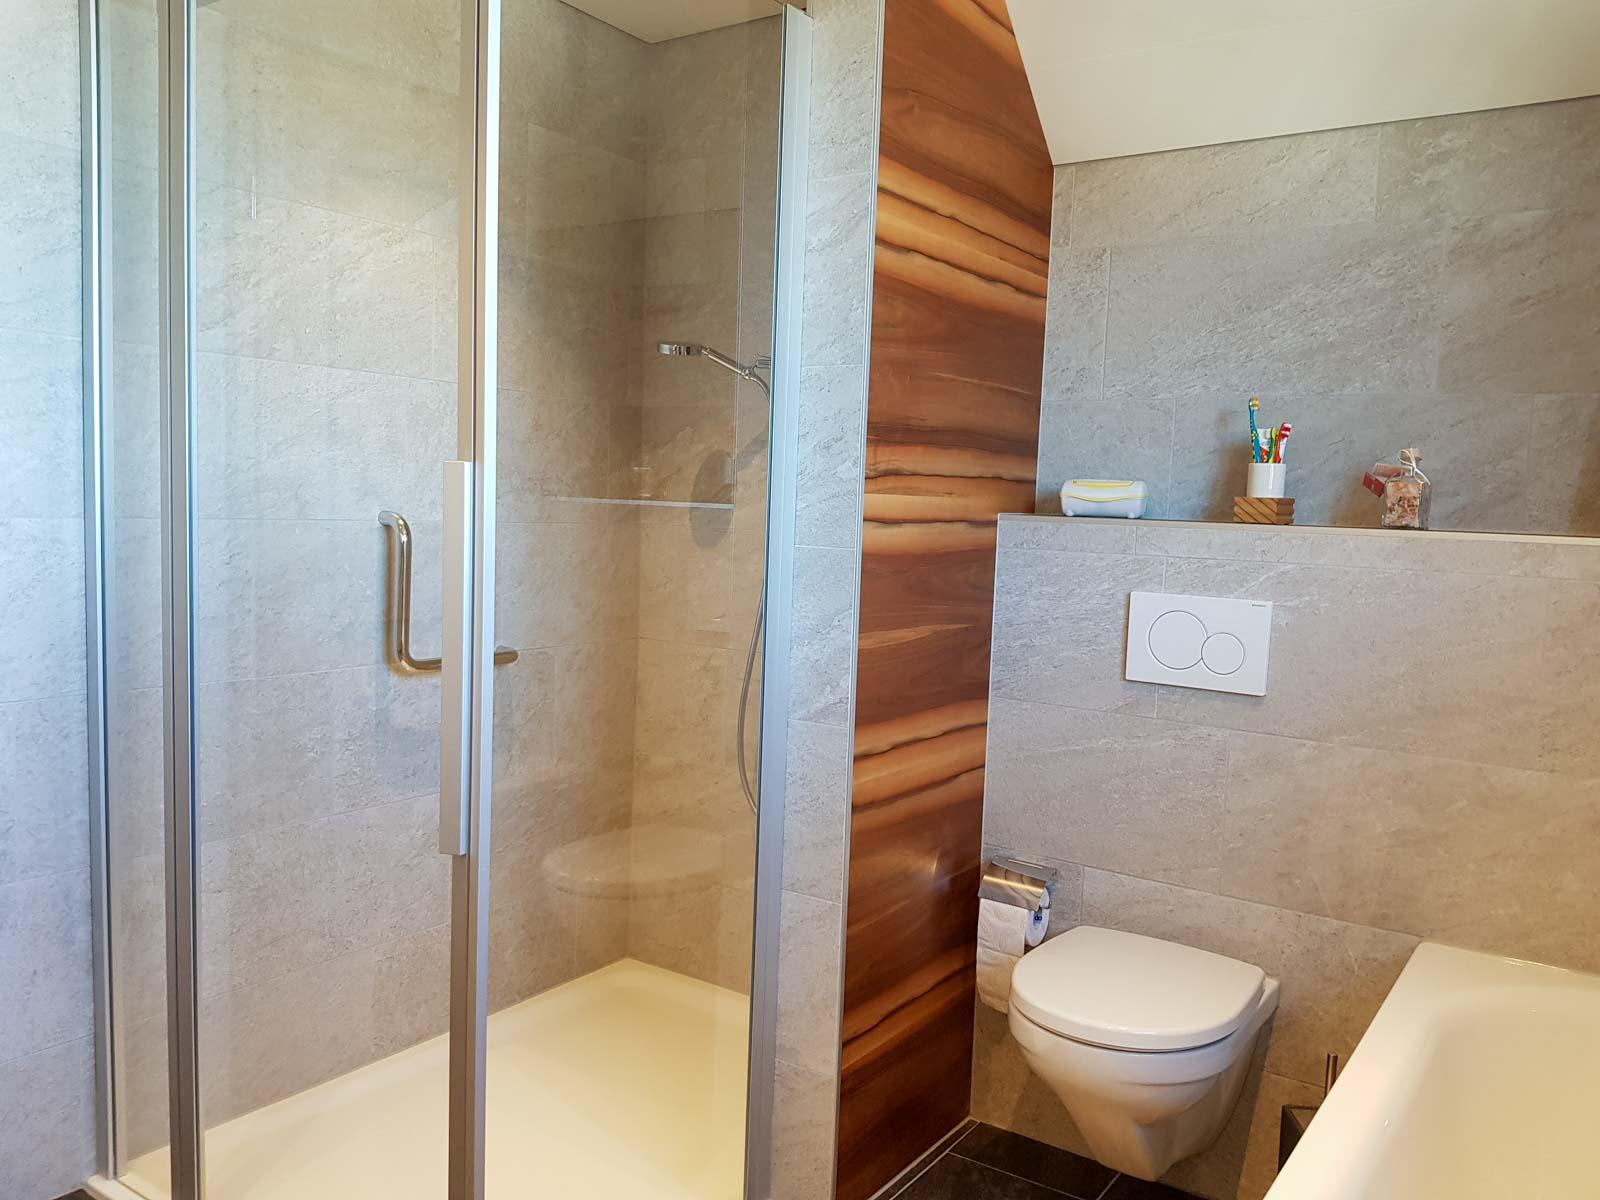 Wooddesign_Badmöbel_ Badumbau_Nussbaum furniert_weisse Fronten_Kunstharzabdeckung_Waschbecken eingelassen-Duschtrennwand-LED-Beleuchtung (2)